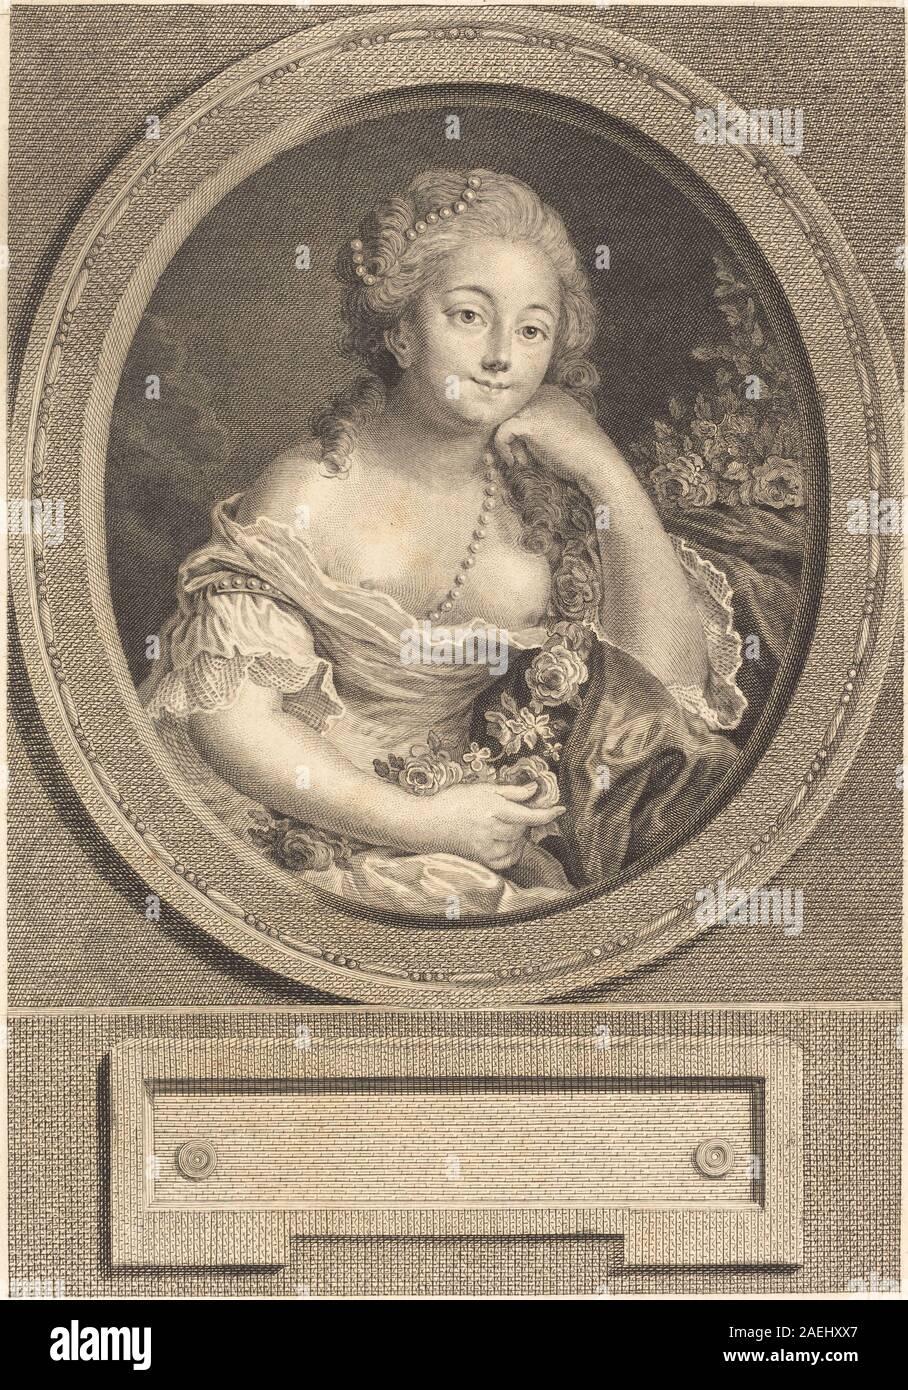 Juste Chevillet after Pierre-Antoine Baudouin, Le leger vetement, 1779 Le leger vetement; 1779date Stock Photo